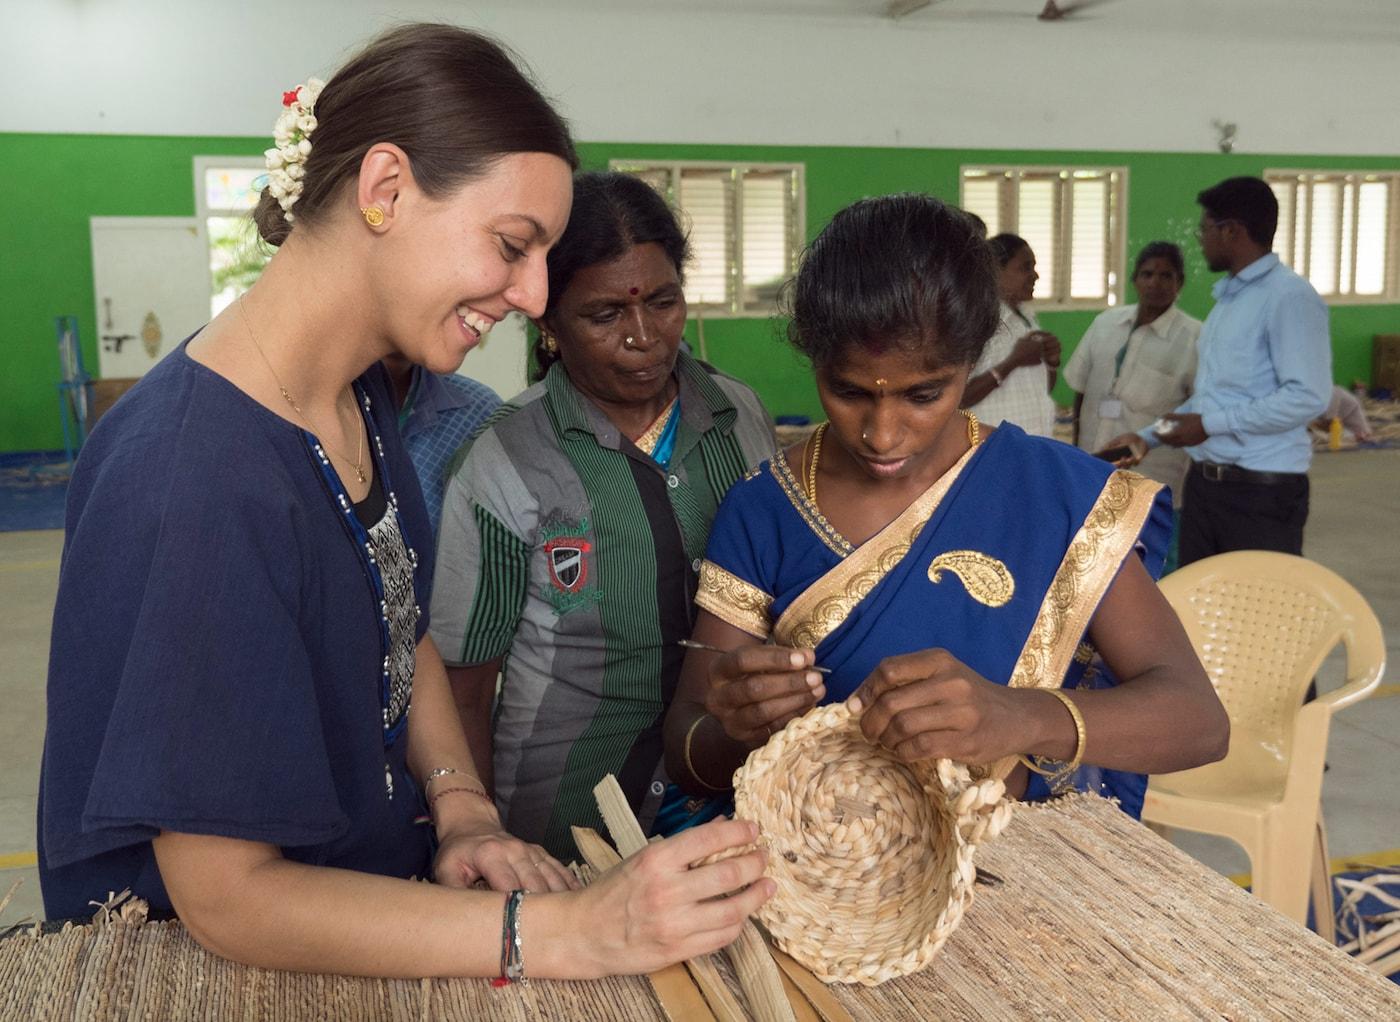 Un designer IKEA et des artisans indiens observant un panier tissé à la main, et discutant les techniques de tissage.